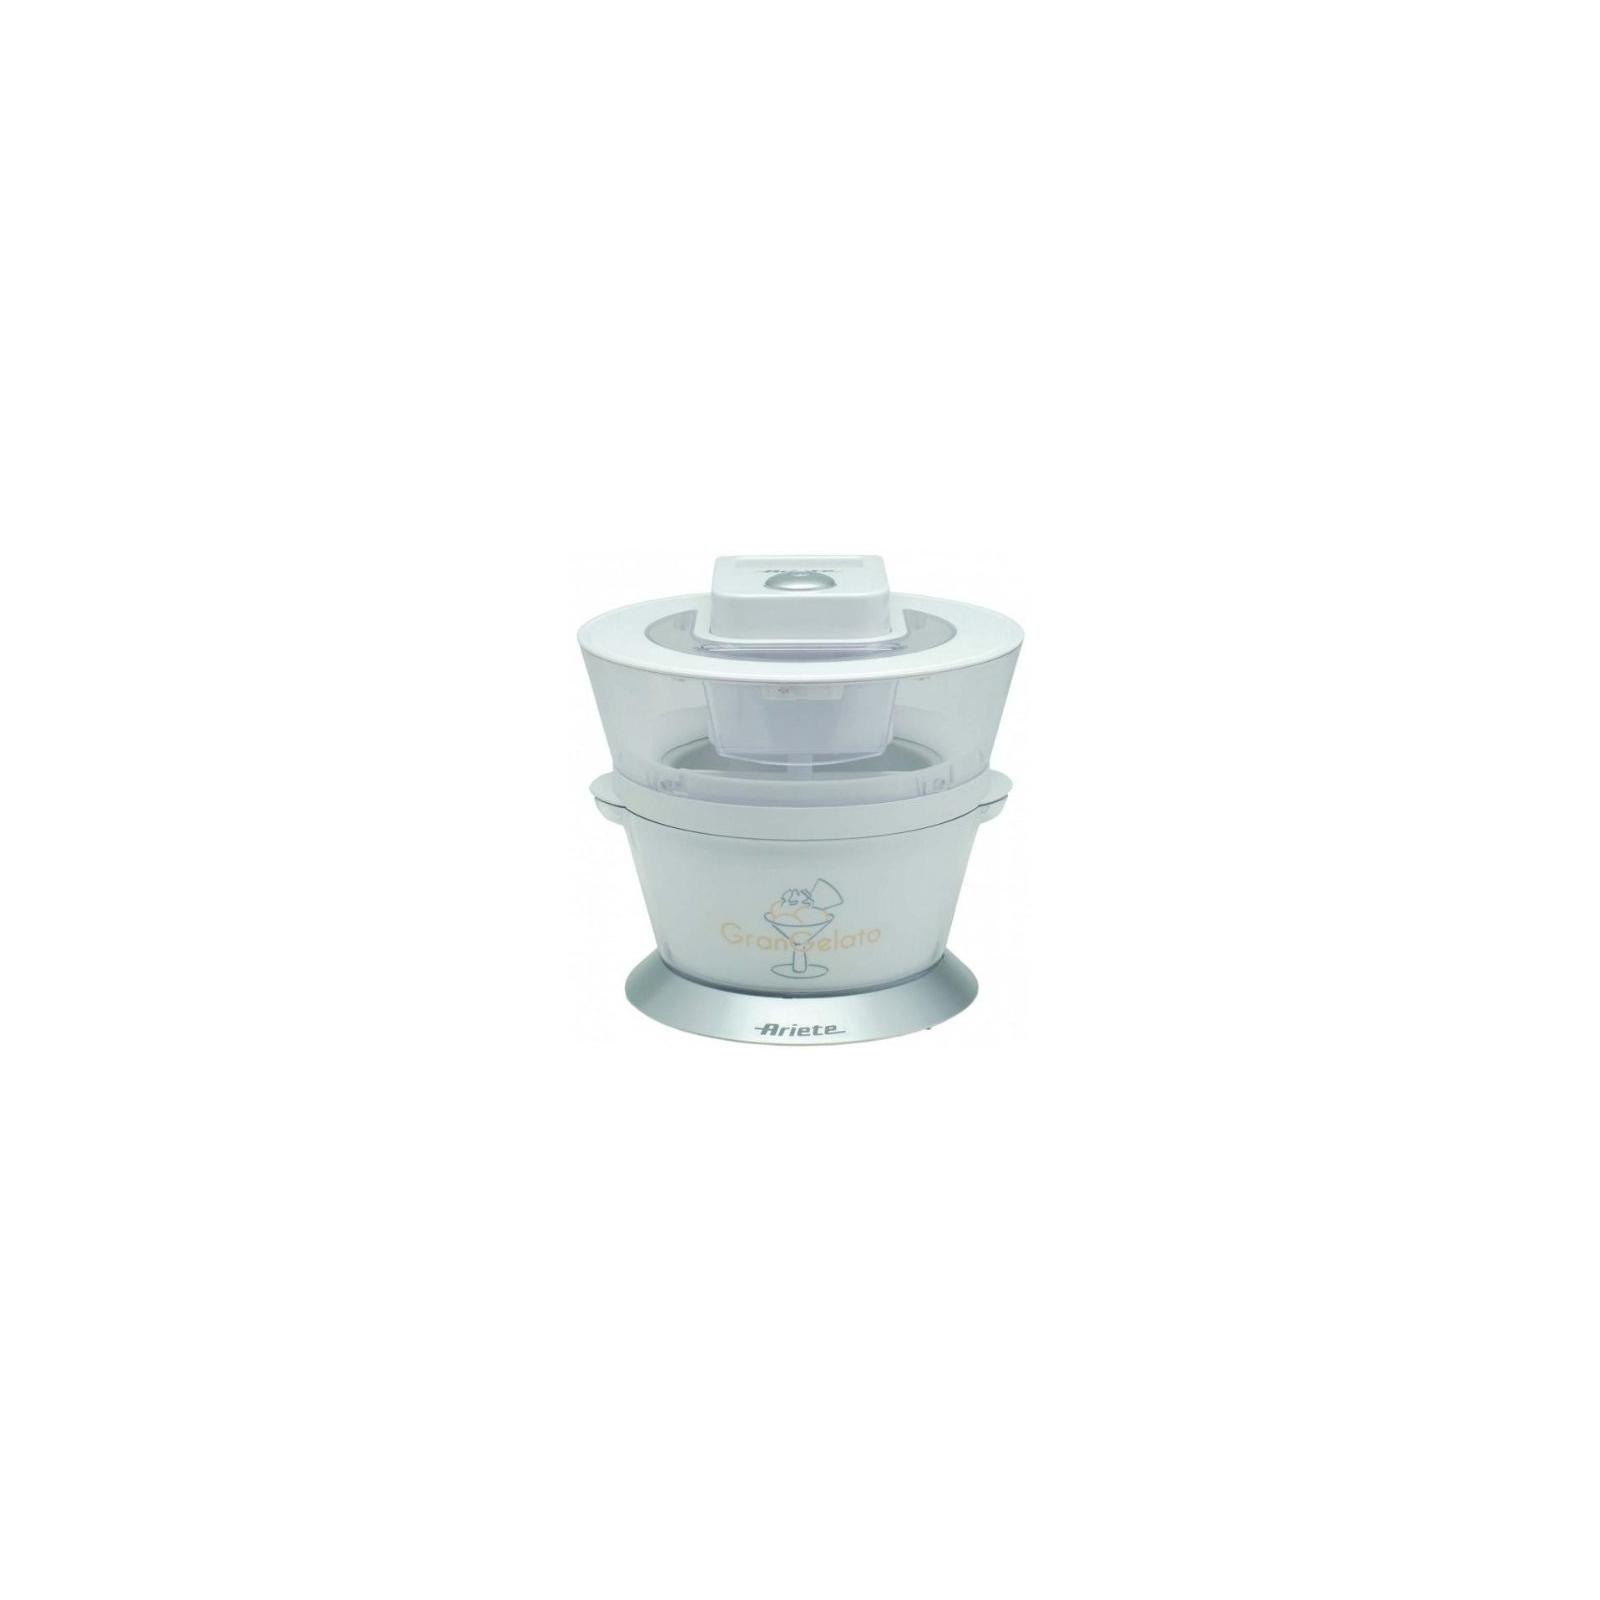 Мороженица ARIETE 638 (00C063801AR0)